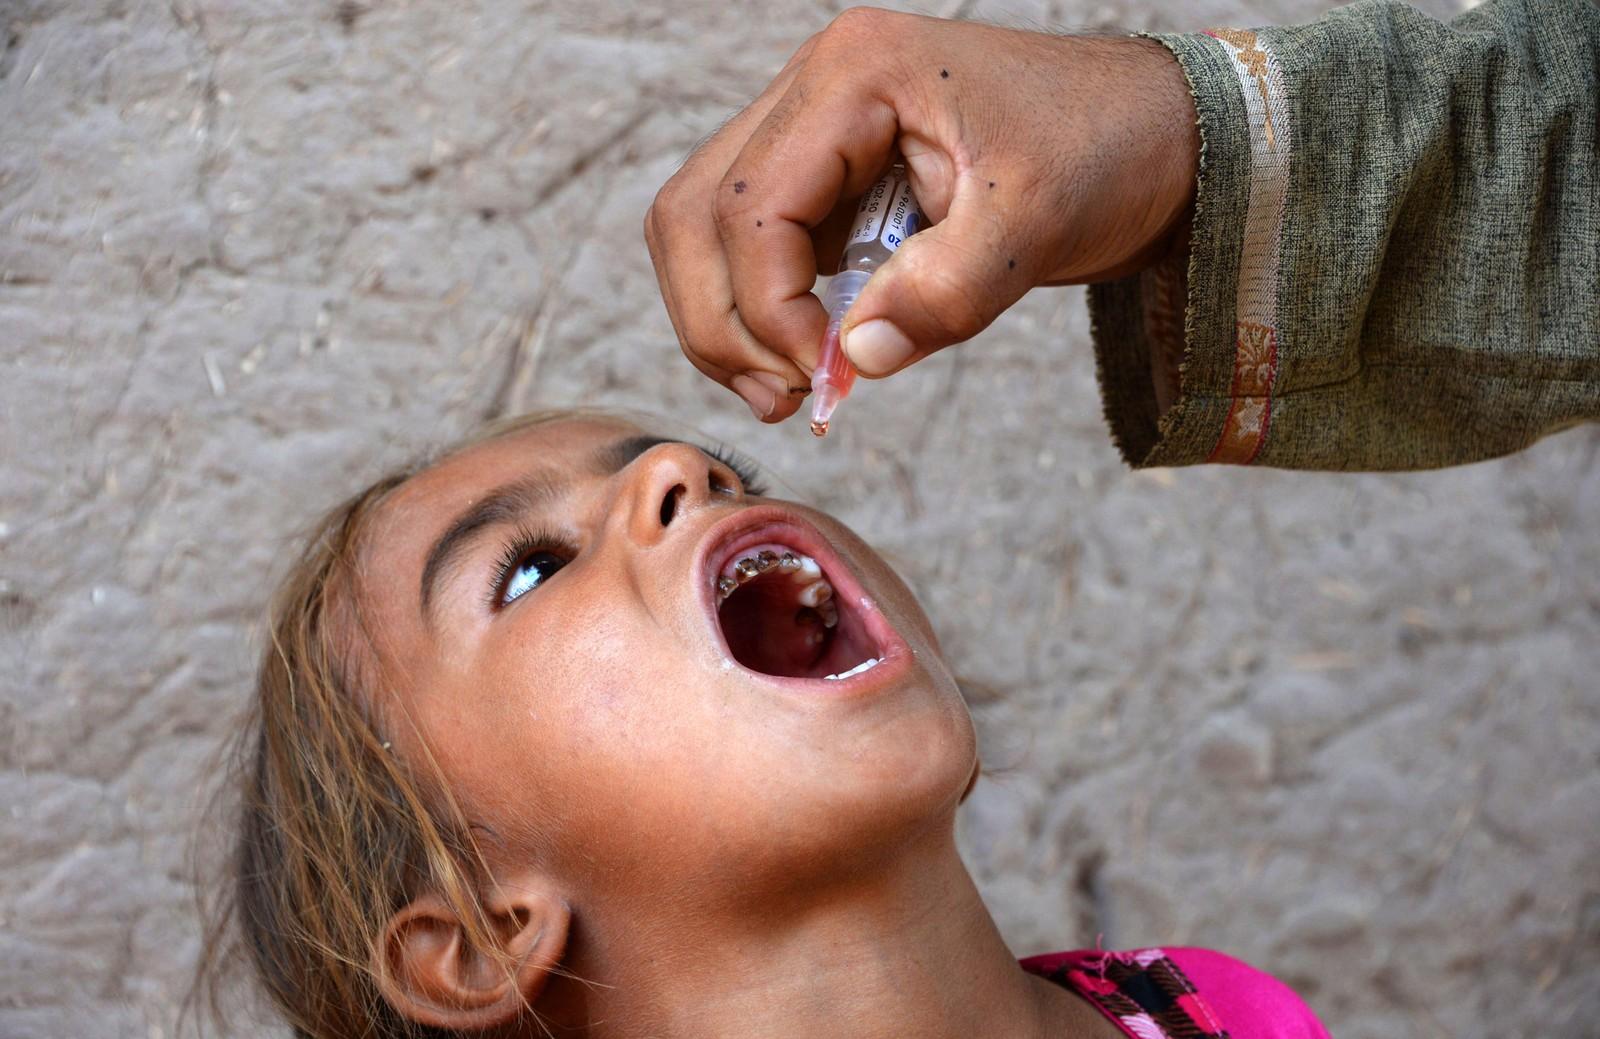 En afghansk helsearbeider gir en jente poliovaksine i Nangarhar den 29. august. Denne dagen satte afghanske myndigheter i gang en vaksineringskampanje som retter seg mot områder som tidligere har vært kontrollert av IS.